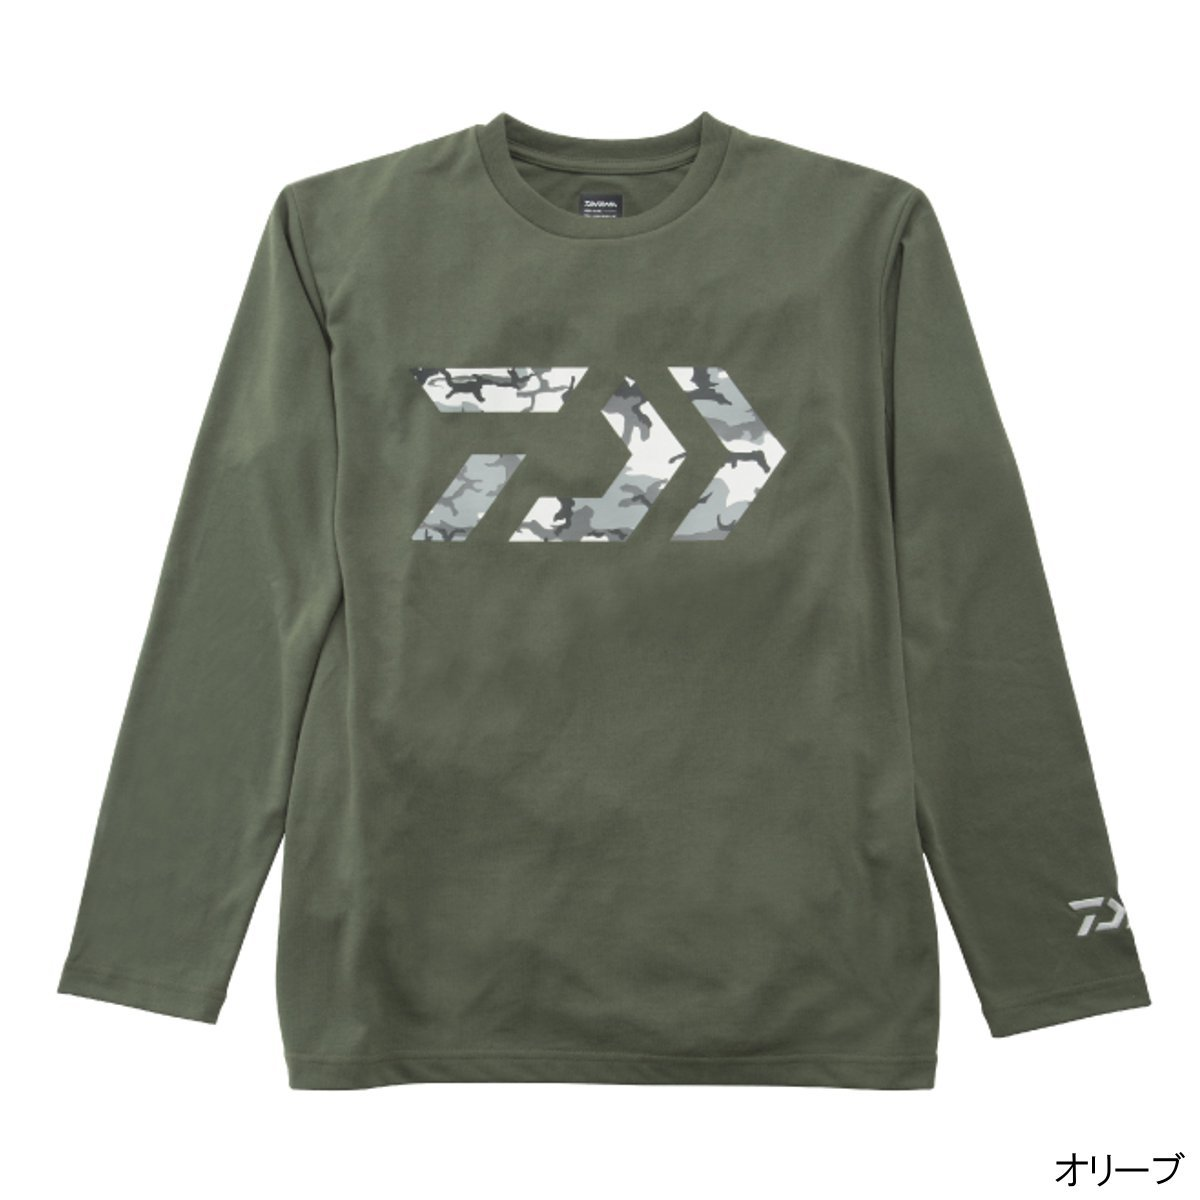 ダイワ ロングスリーブドライシャツ DE-96008 L オリーブ